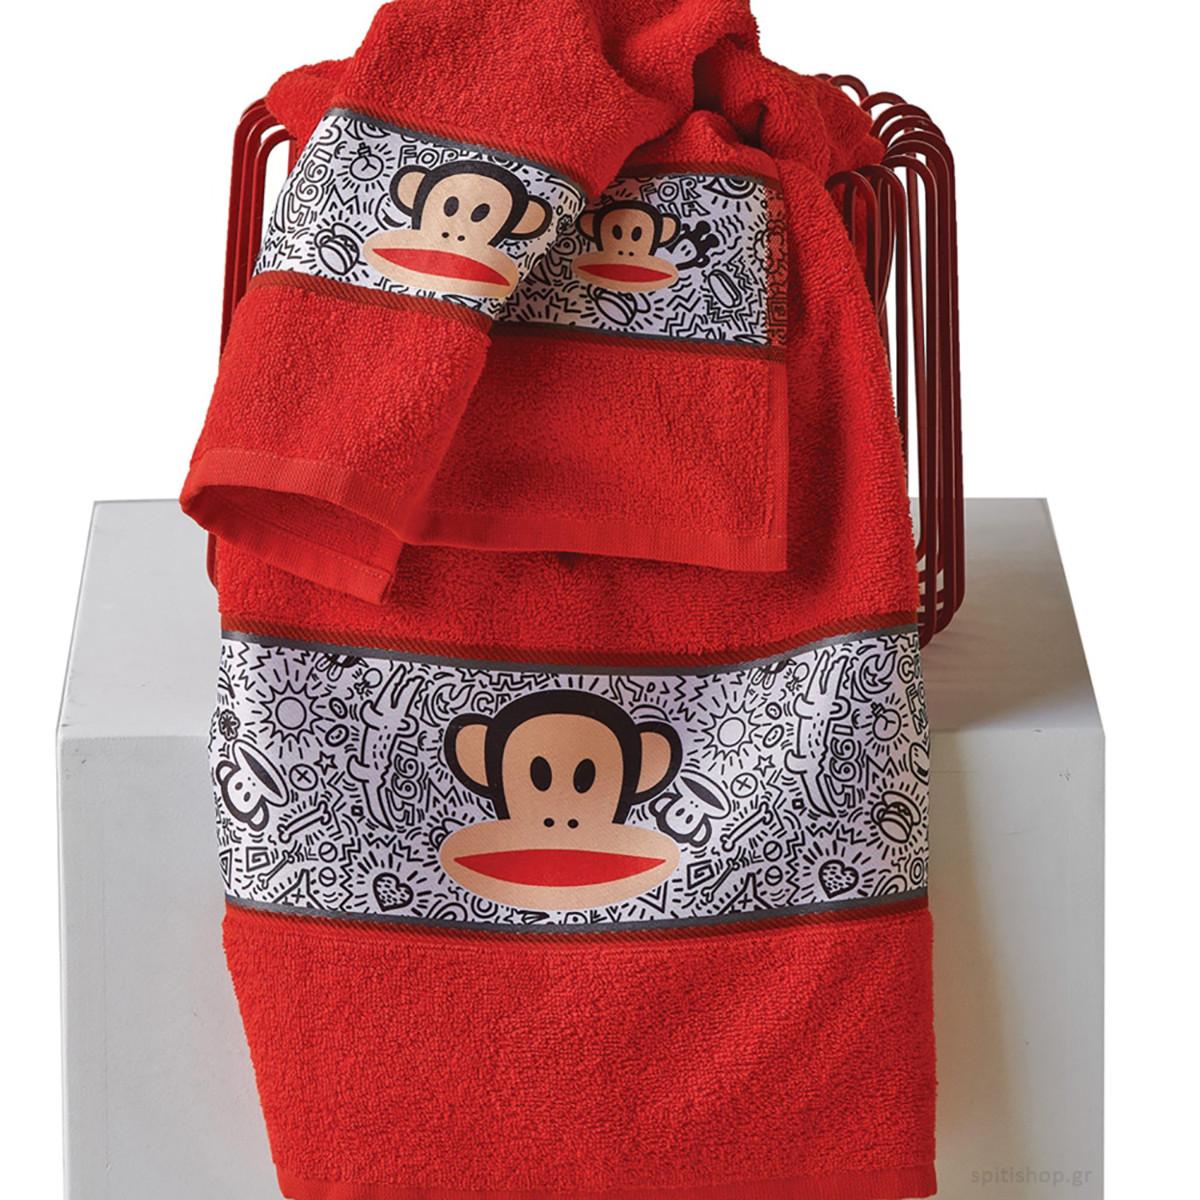 Παιδικές Πετσέτες (Σετ 2τμχ) Kentia Kids Paul Frank 17